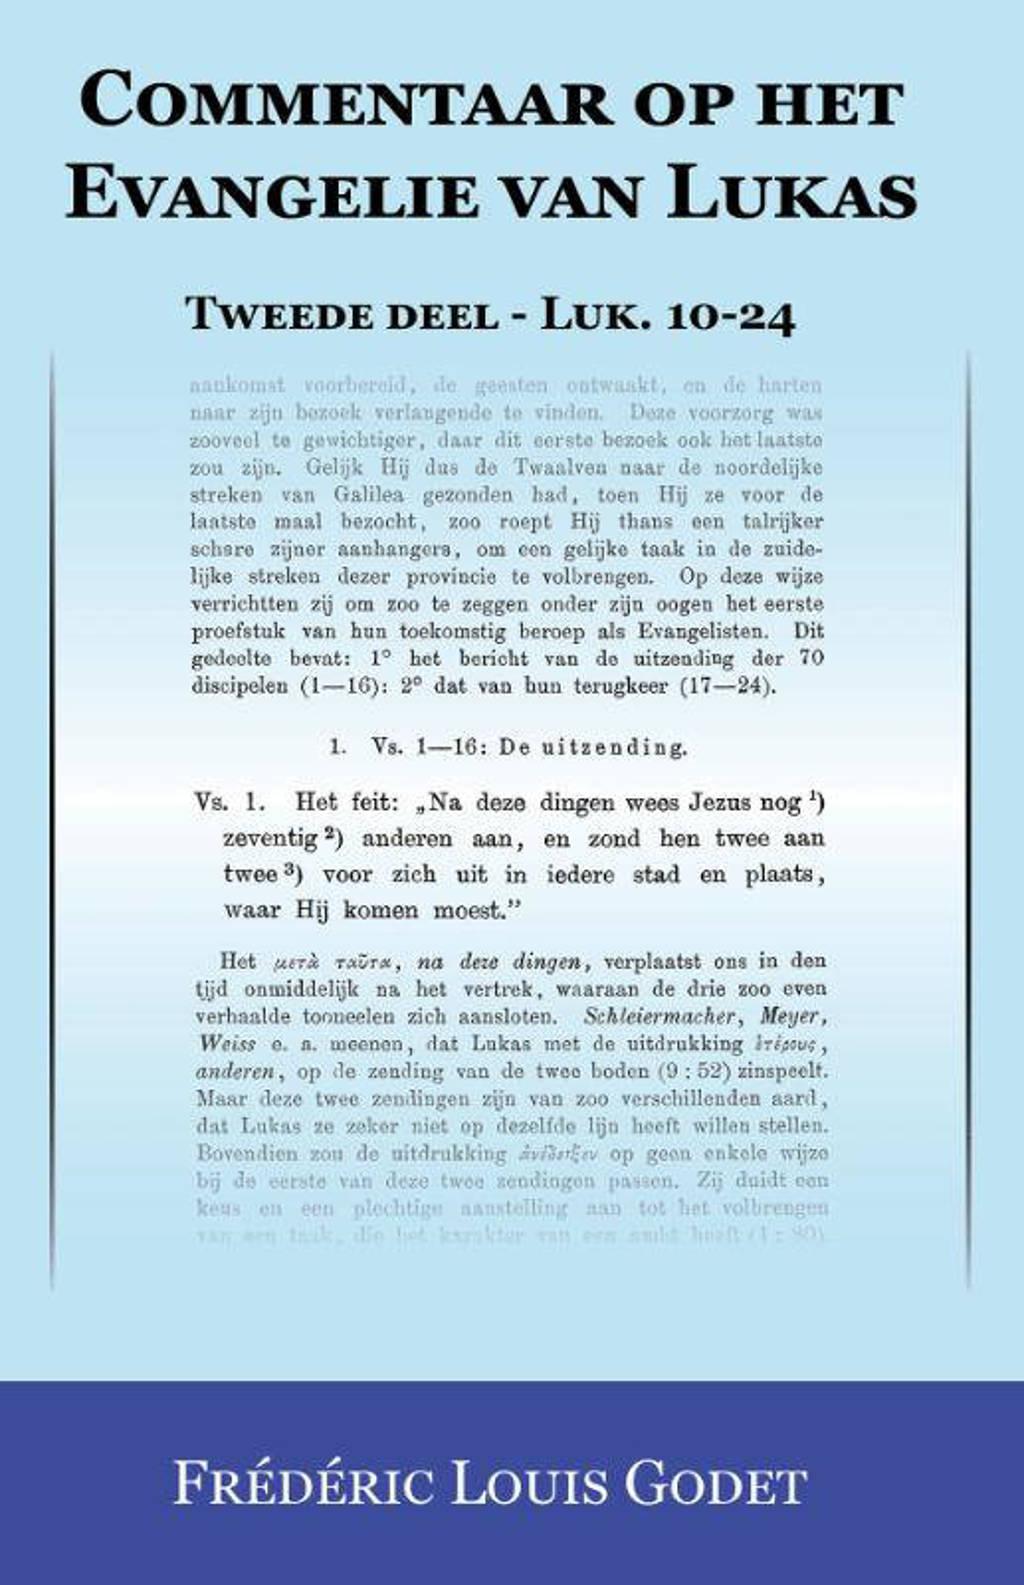 Commentaar op het Evangelie van Lukas Tweede deel Luk. 10-24 - Frédéric Louis Godet